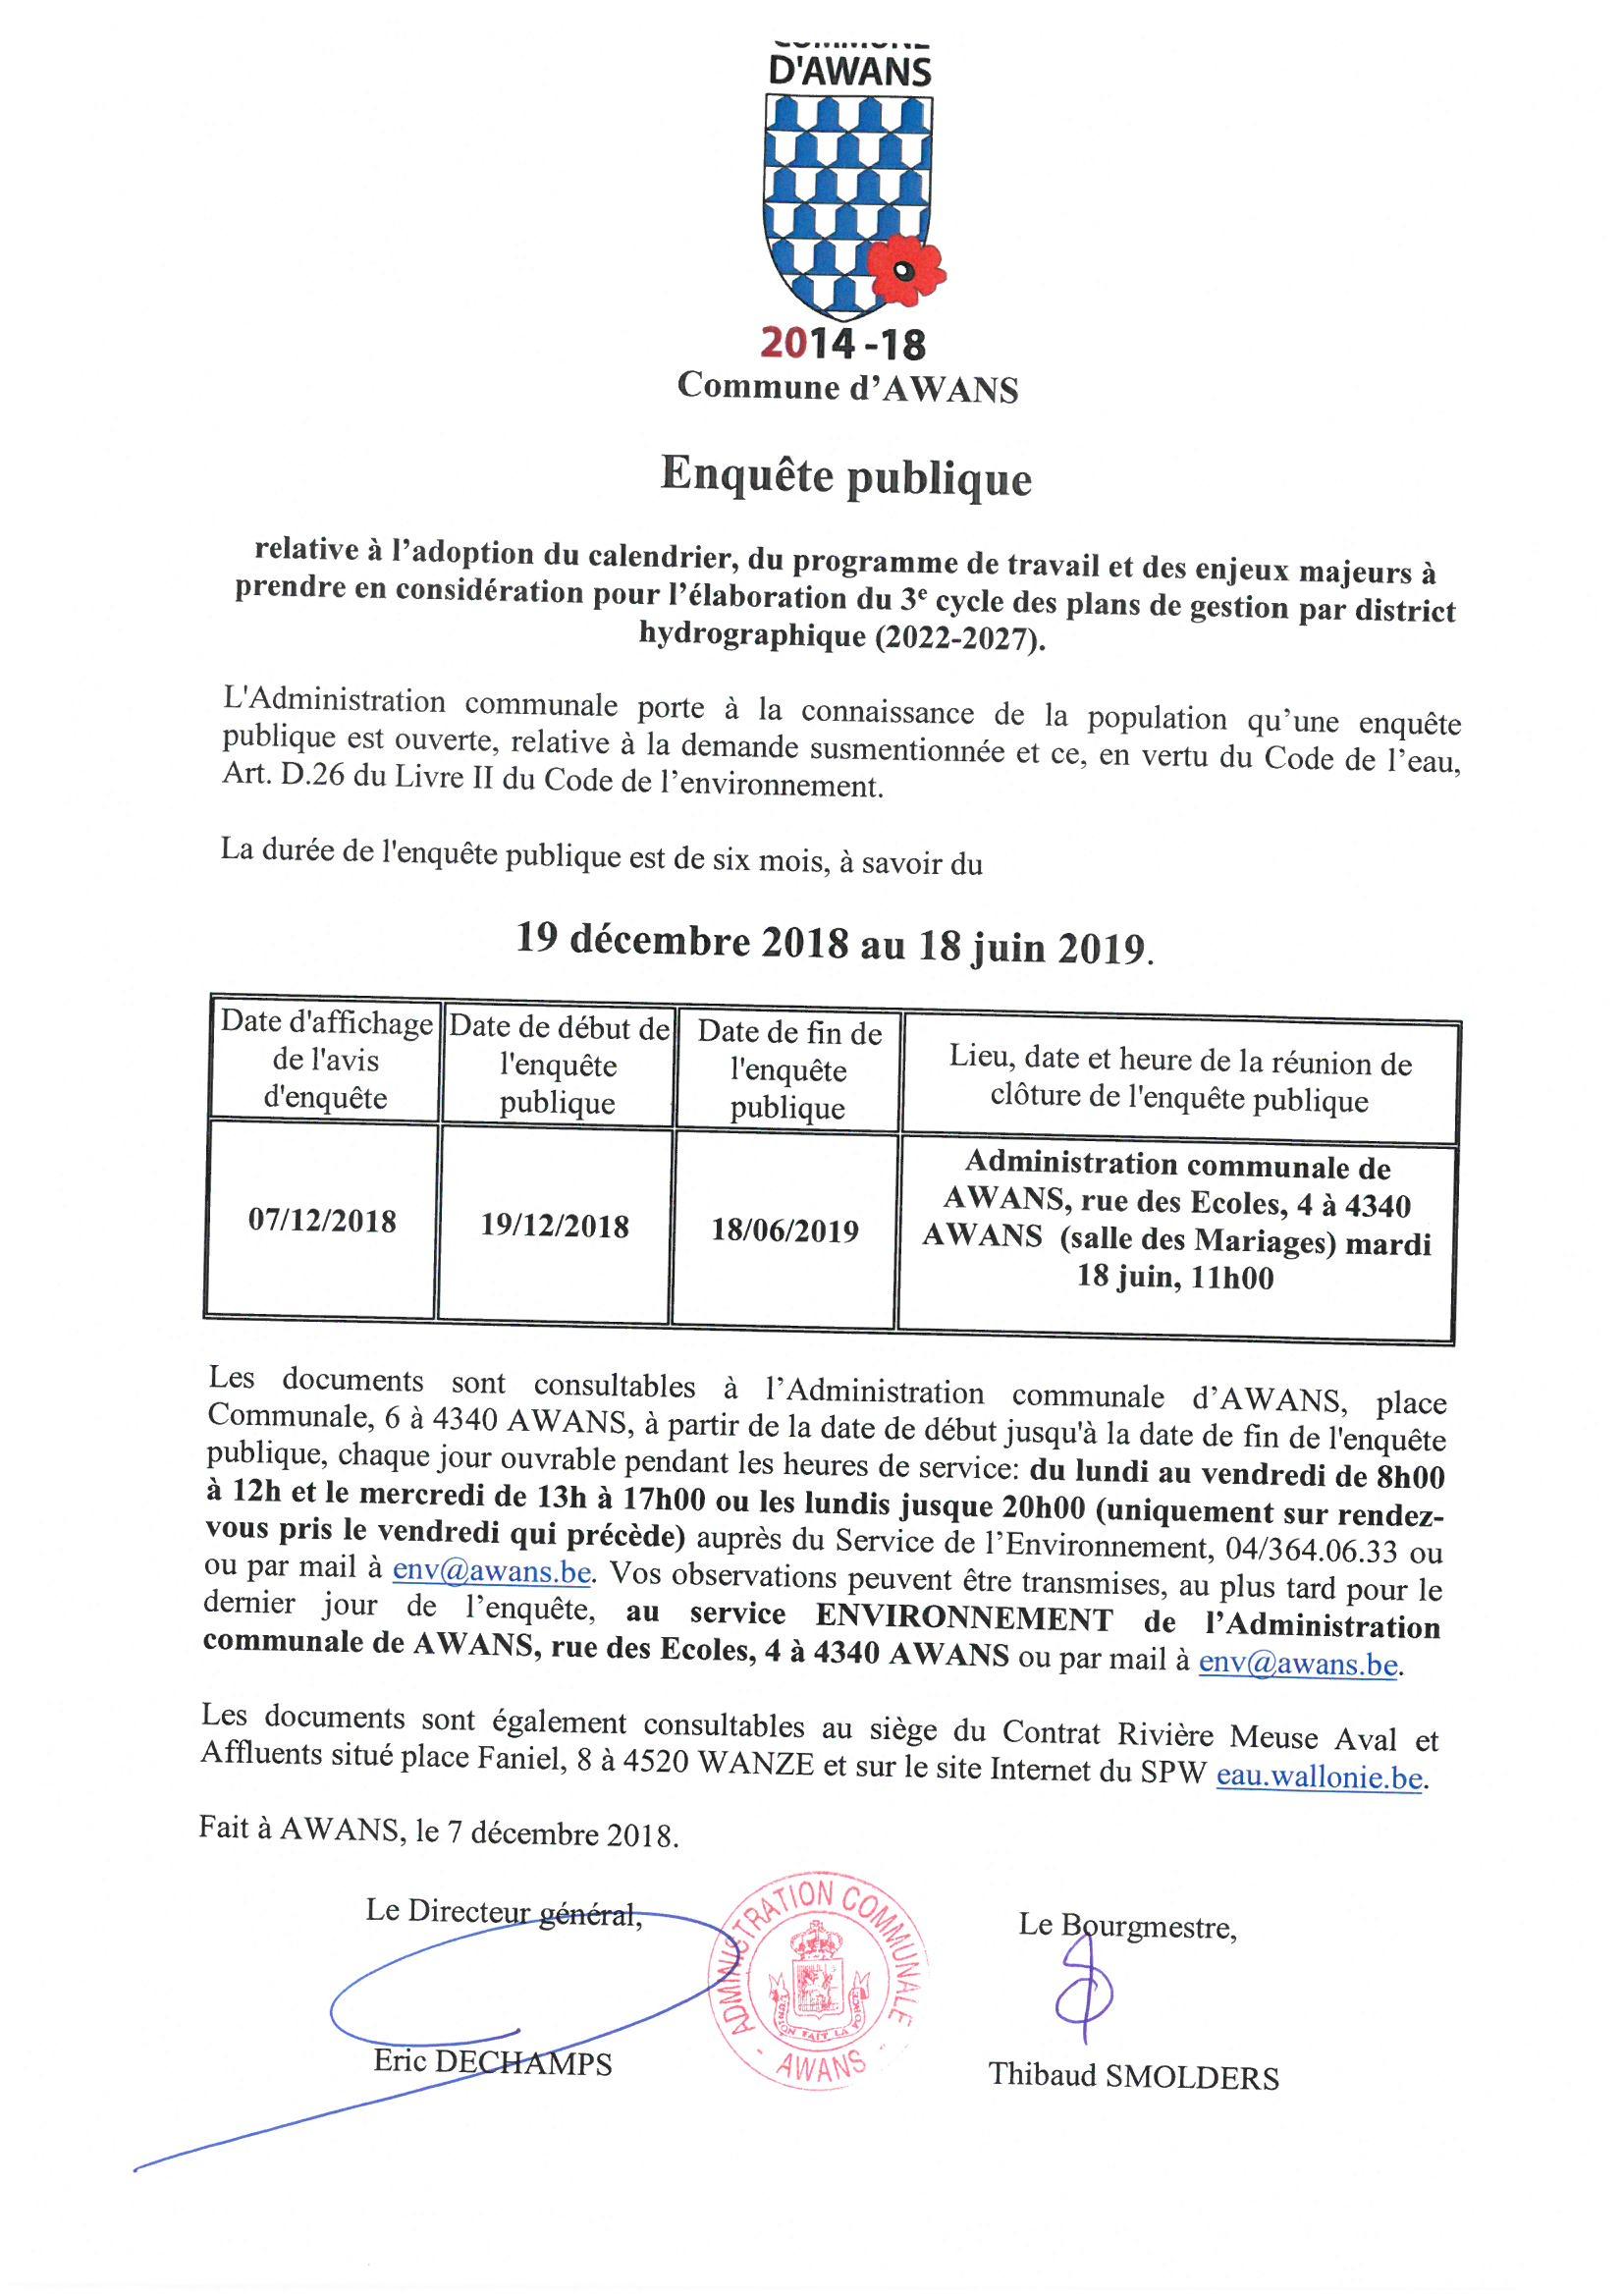 Enquête publique (19 décembre 2018 - 18 juin 2019) dans le cadre de la Directive européenne sur l'eau